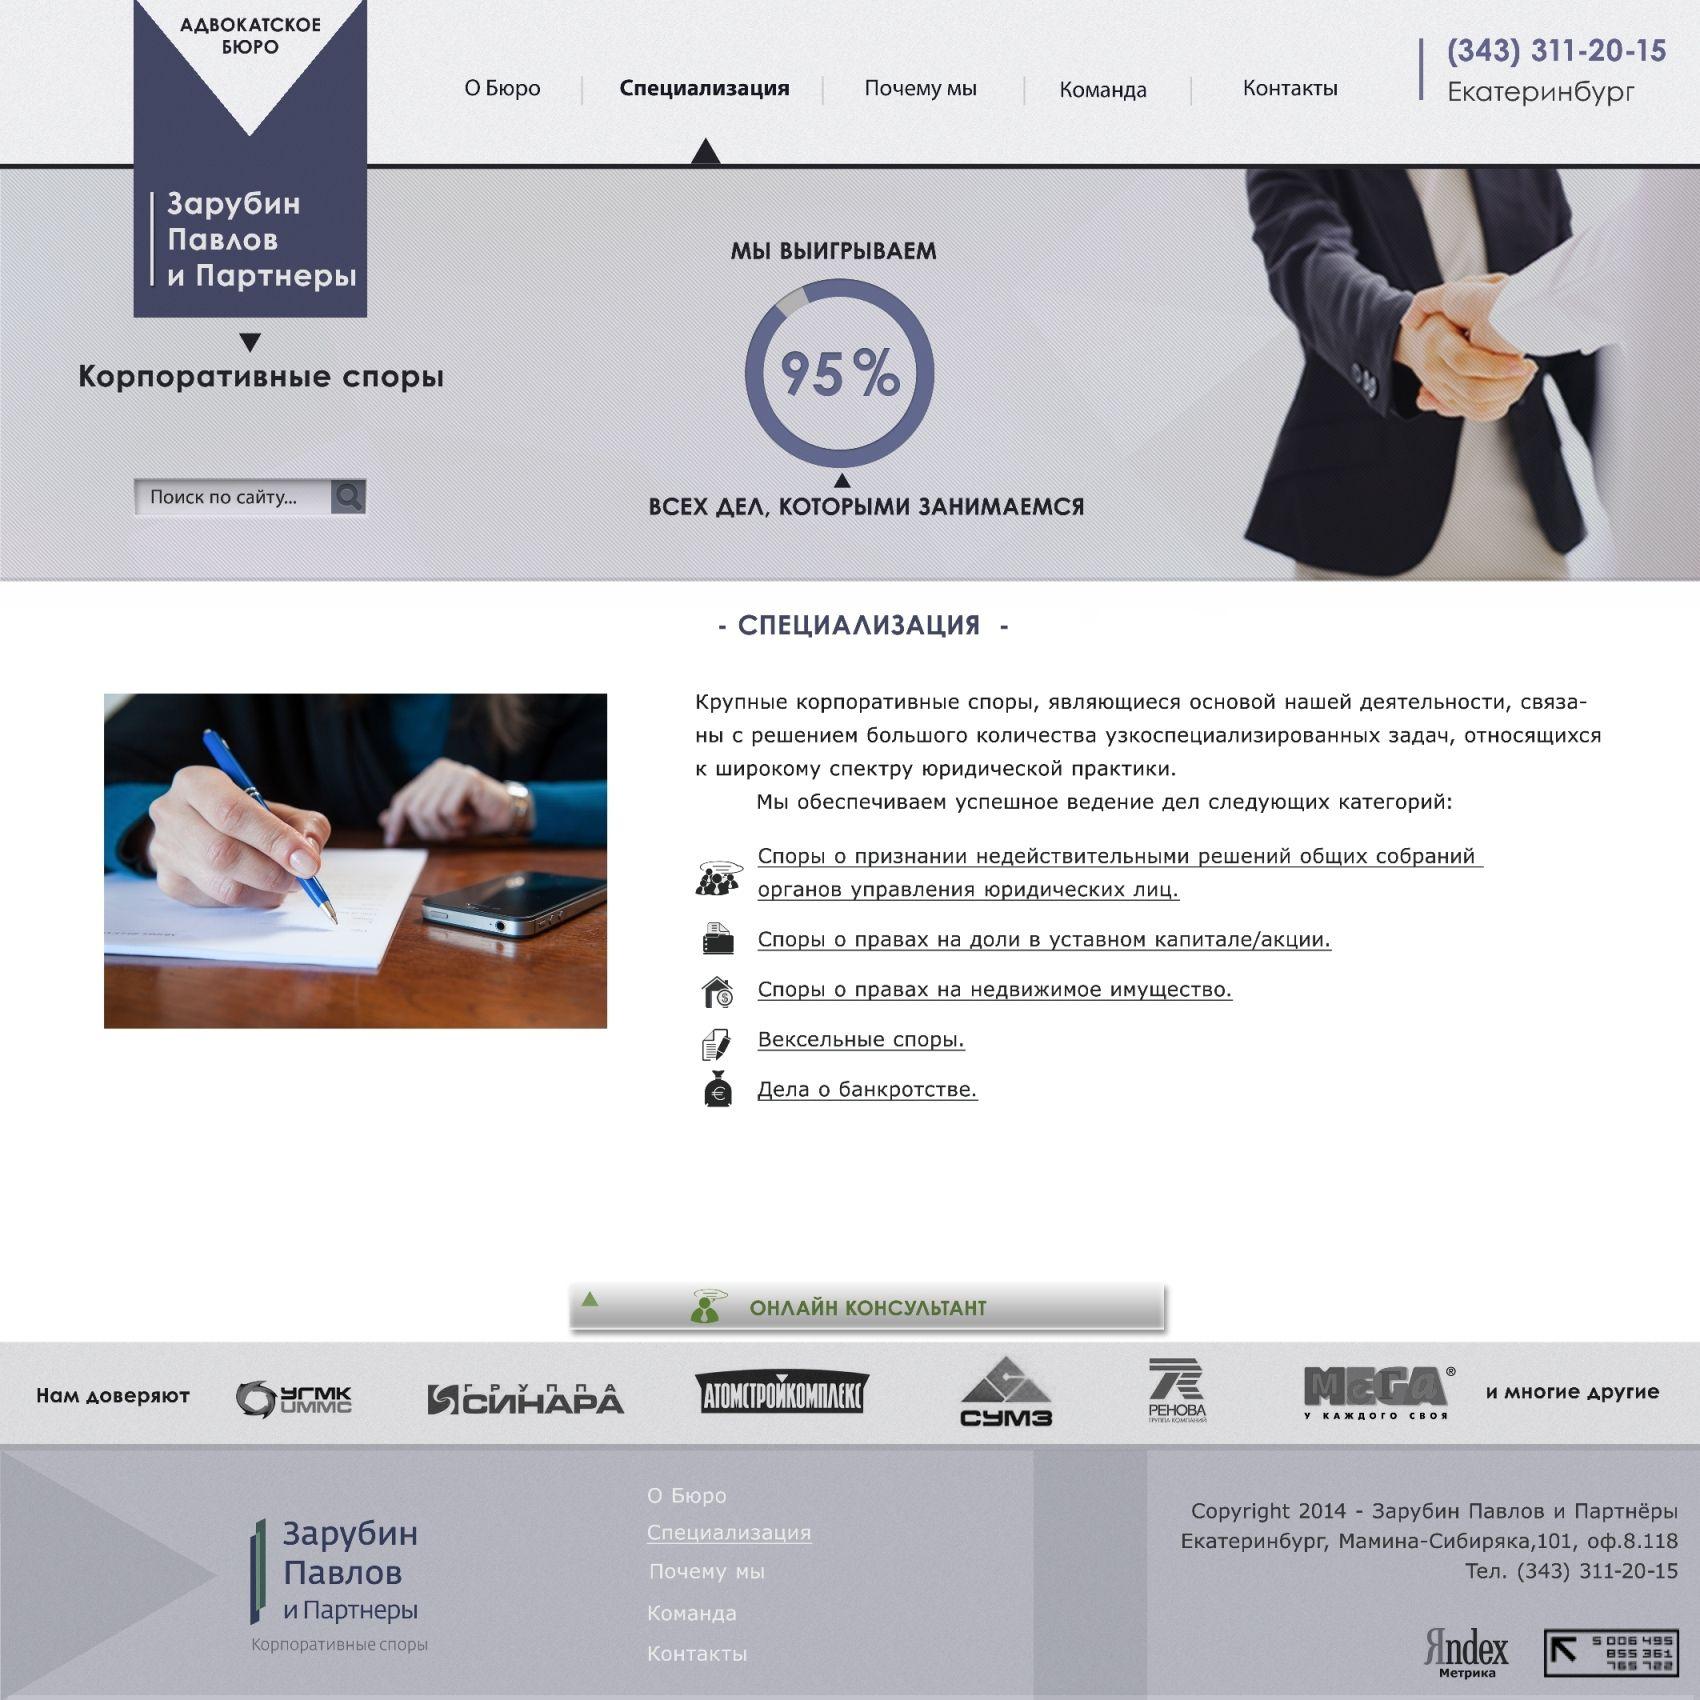 Дизайн сайта для адвокатского бюро. - дизайнер Mihail-L